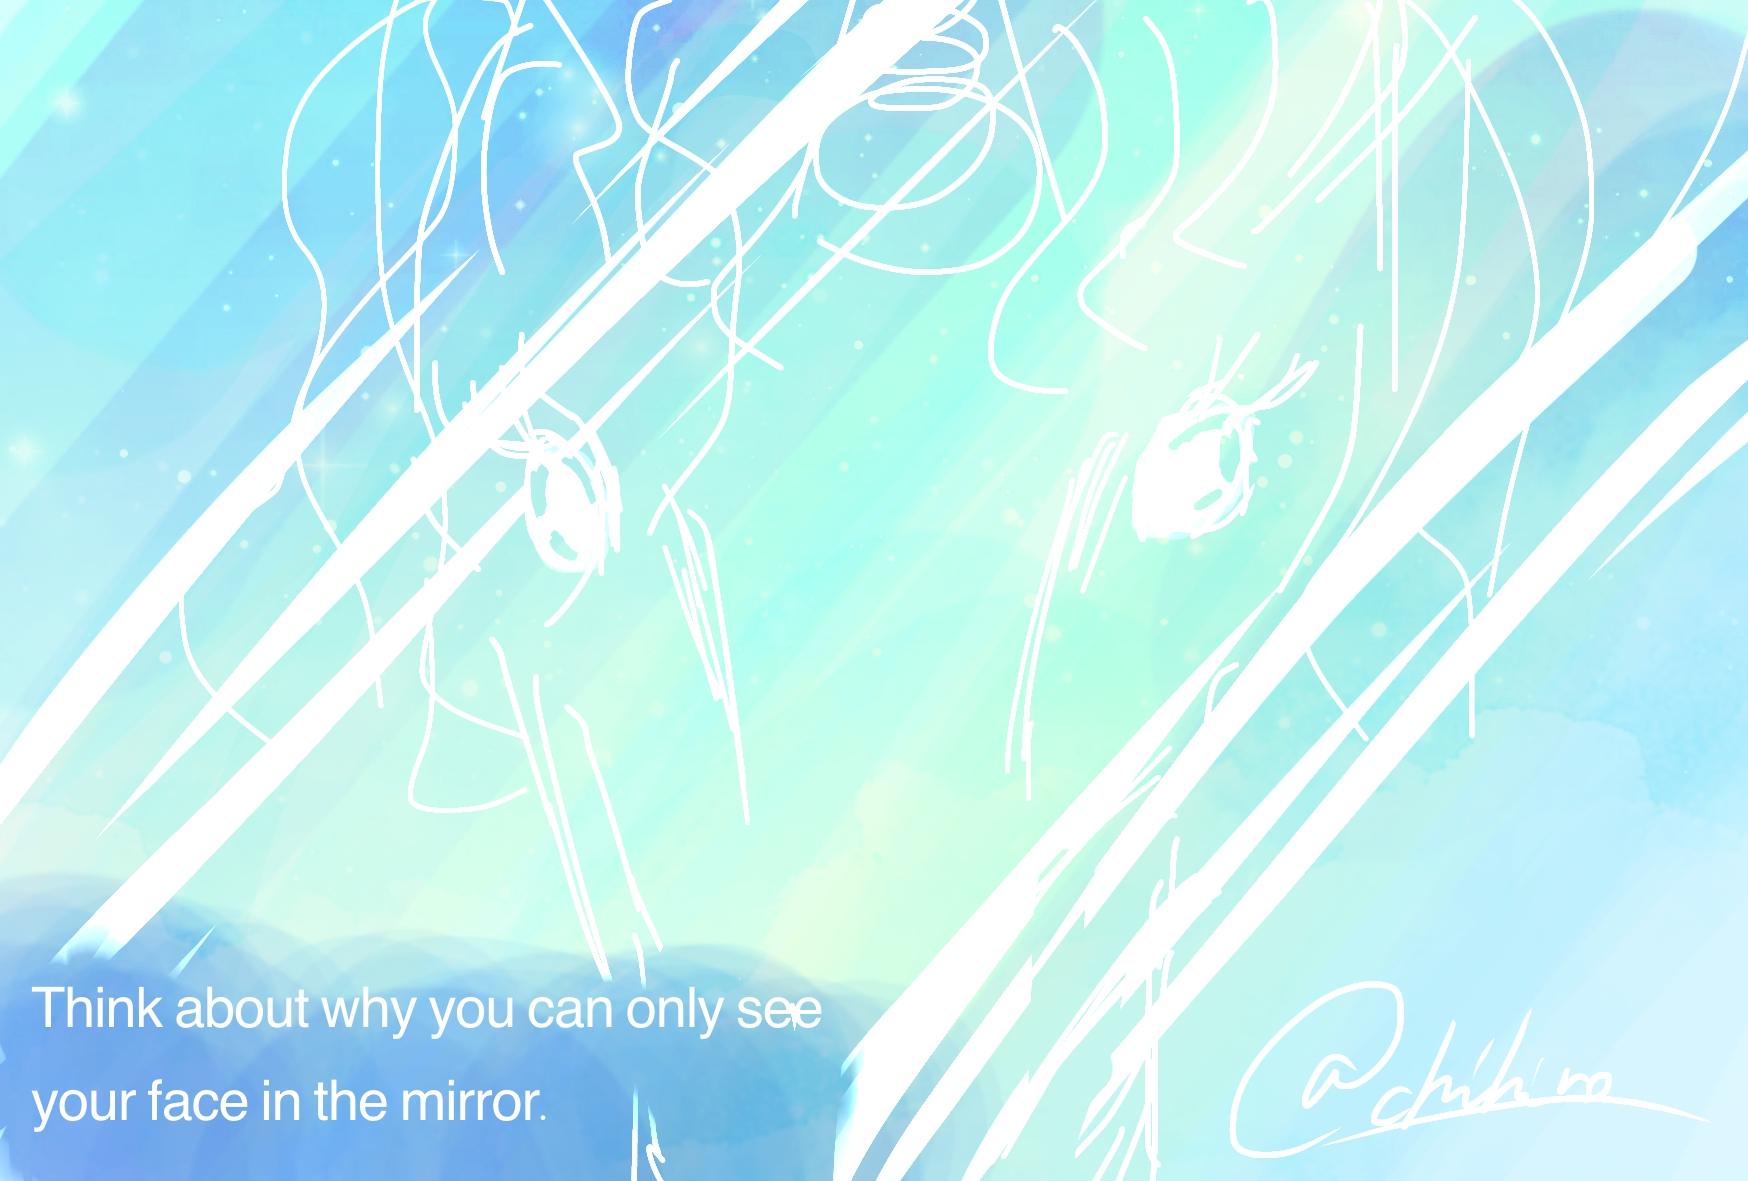 自分の顔を鏡でしか見れない理由を考えてみましょう。